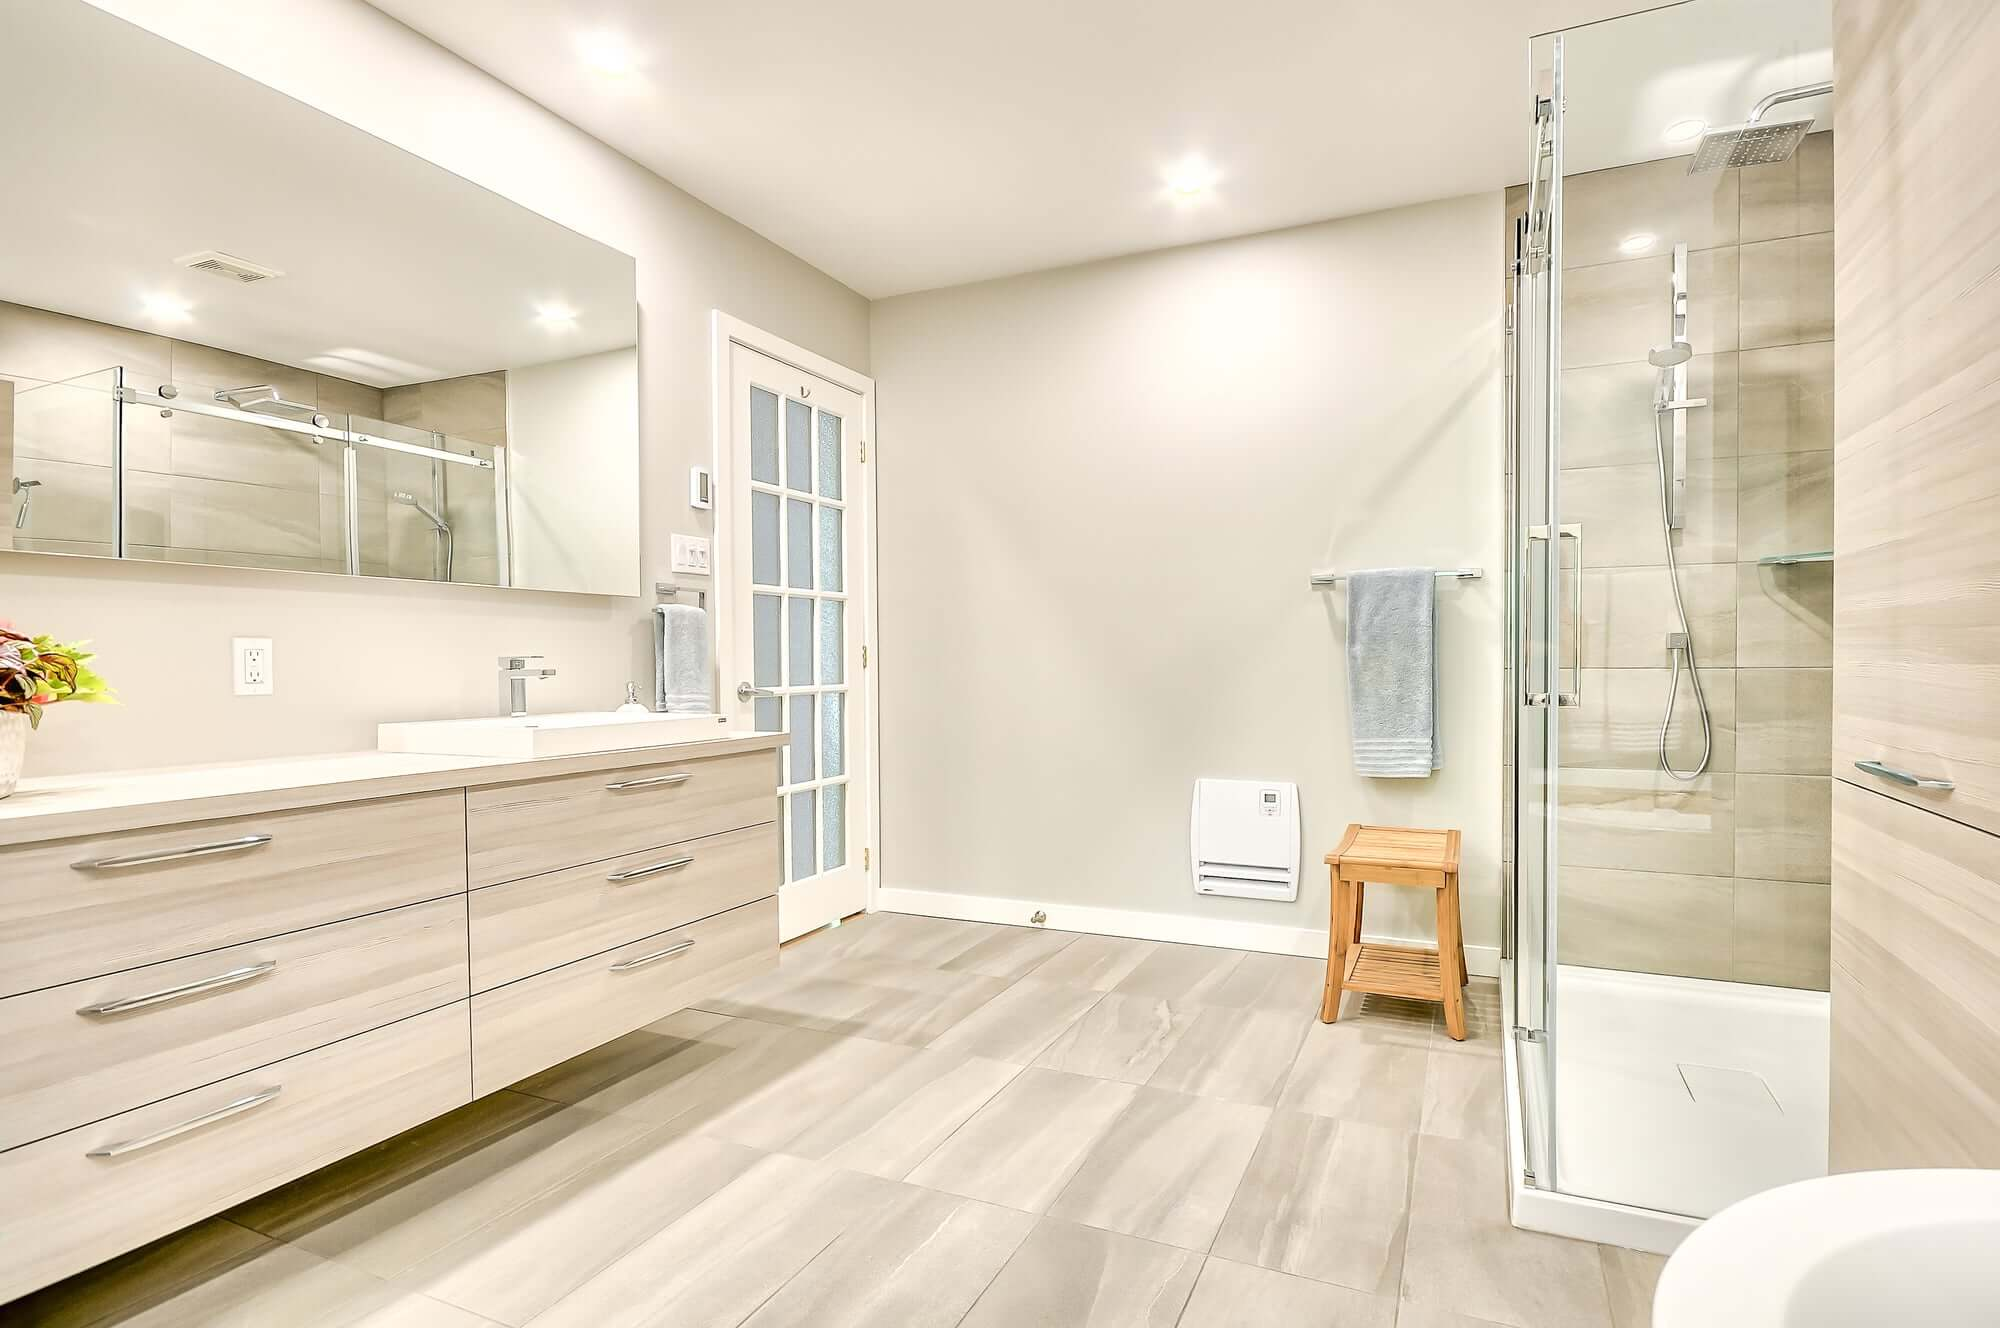 salle de bain rénovée dans les tons de beige